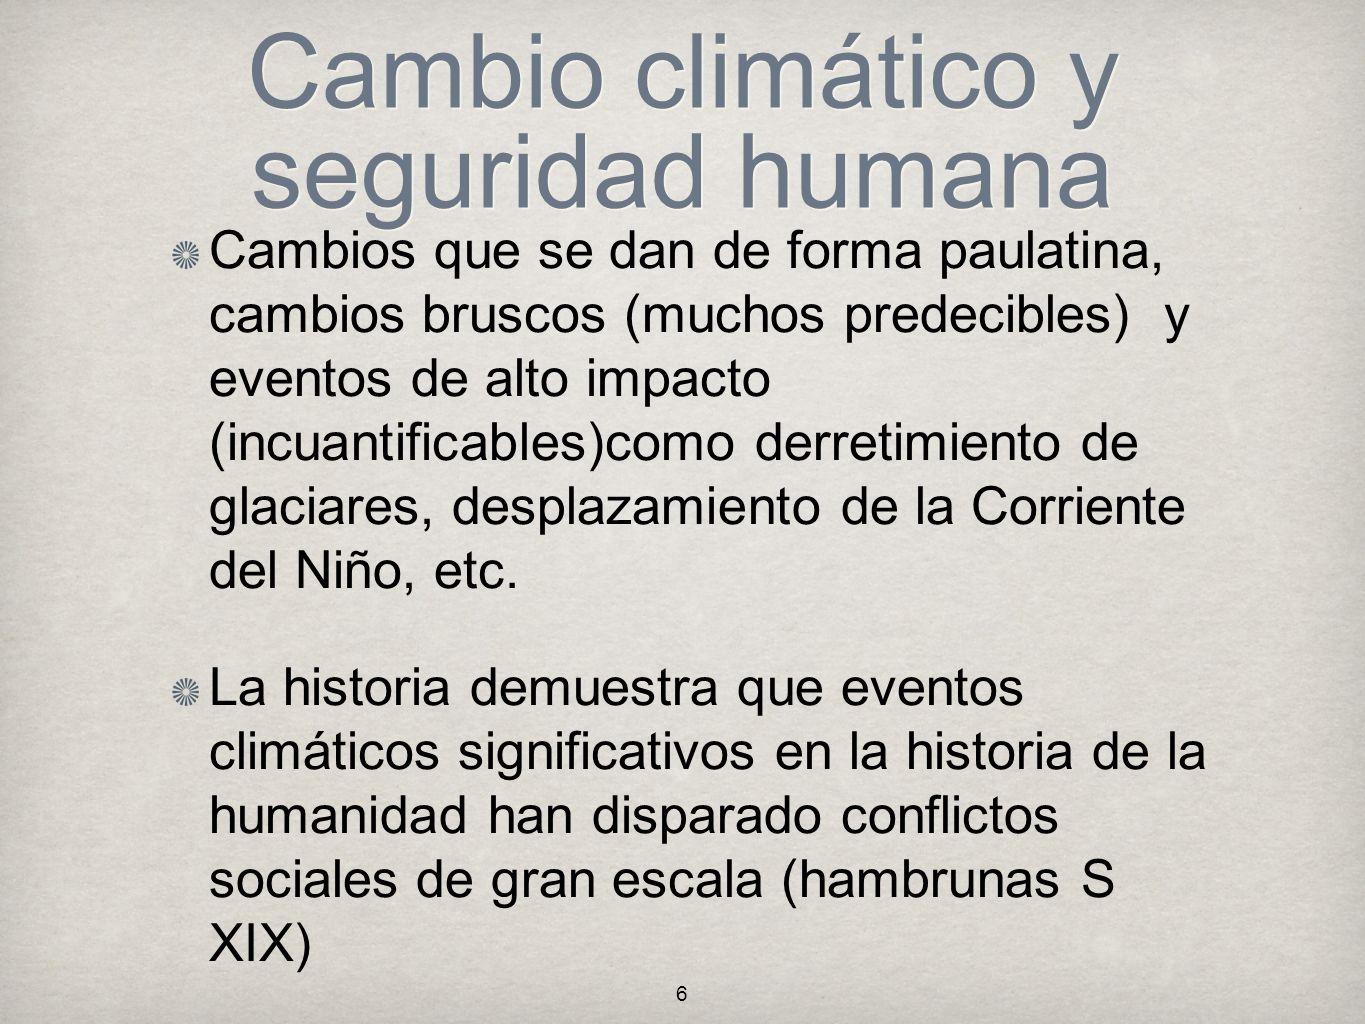 Cambio climático y seguridad humana